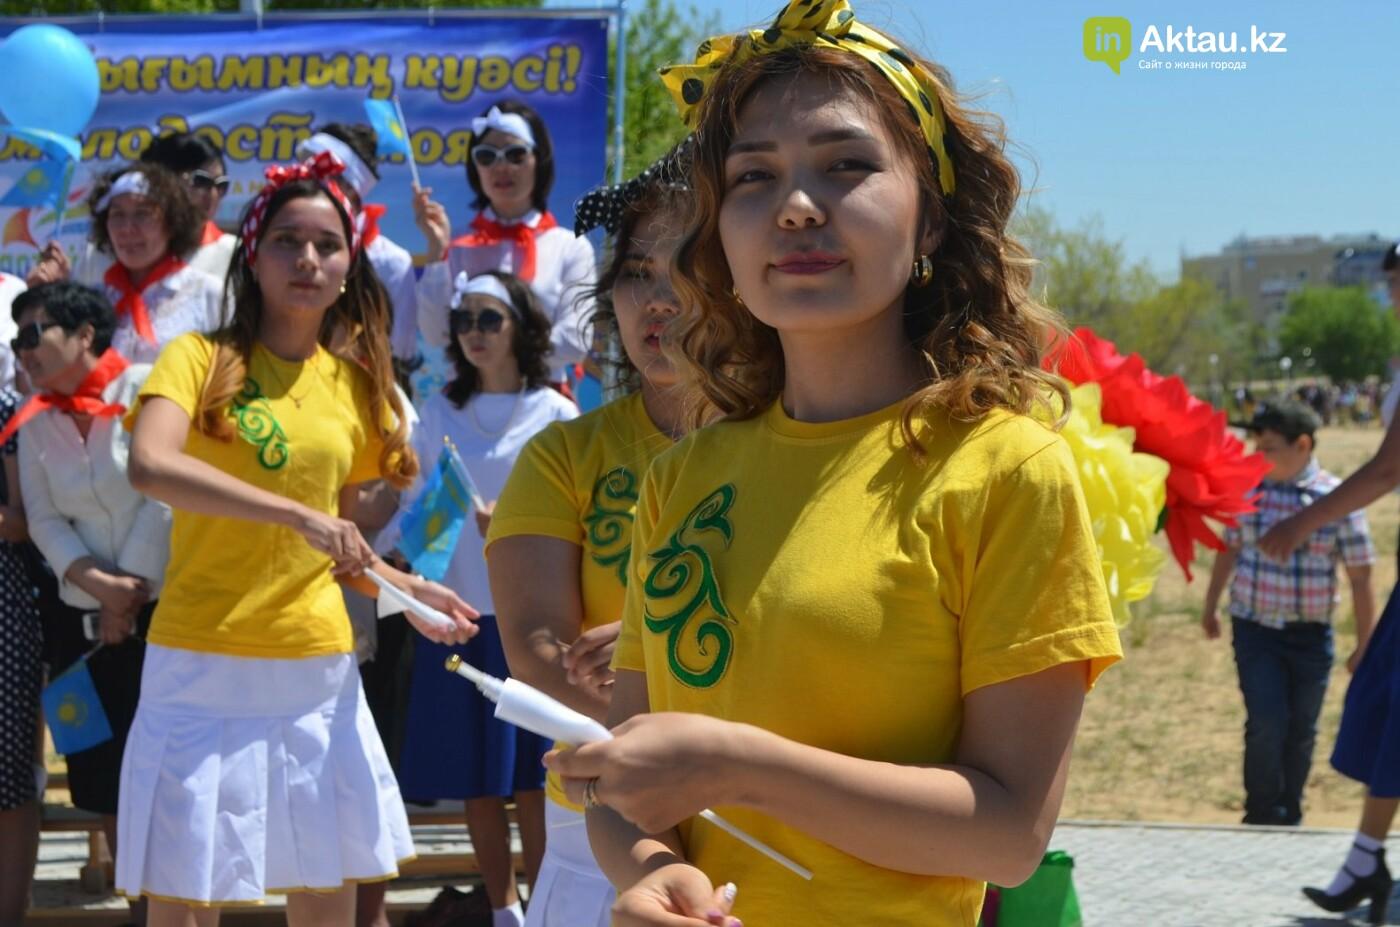 Как в Актау отметили День единства народов (ФОТО), фото-10